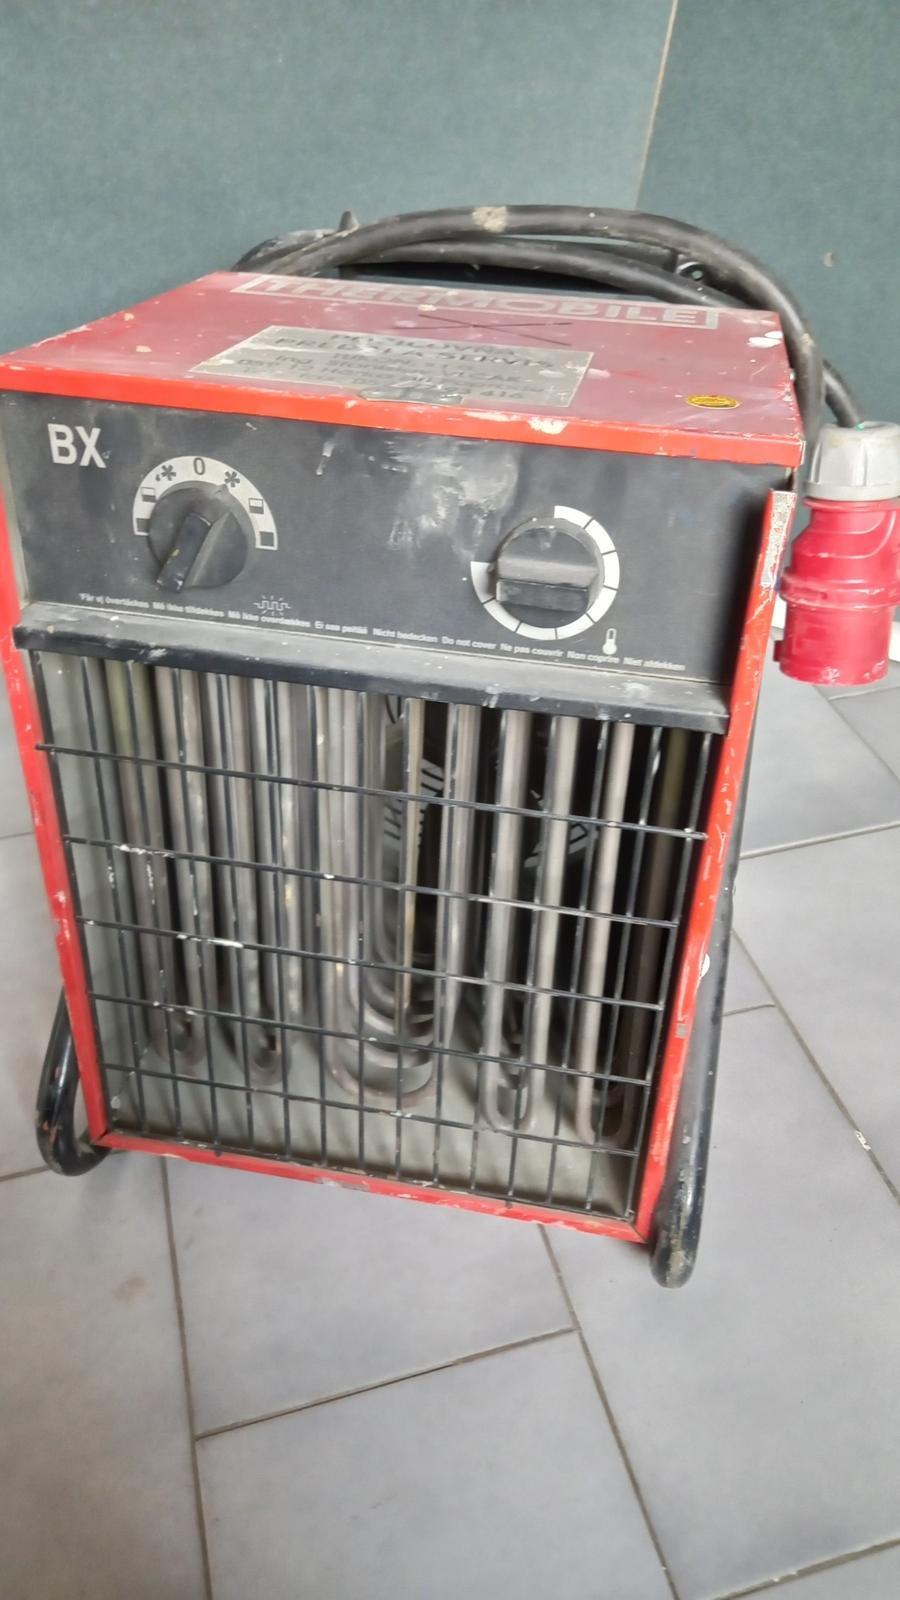 Thermobile BX 15 E - Obrázok č. 1